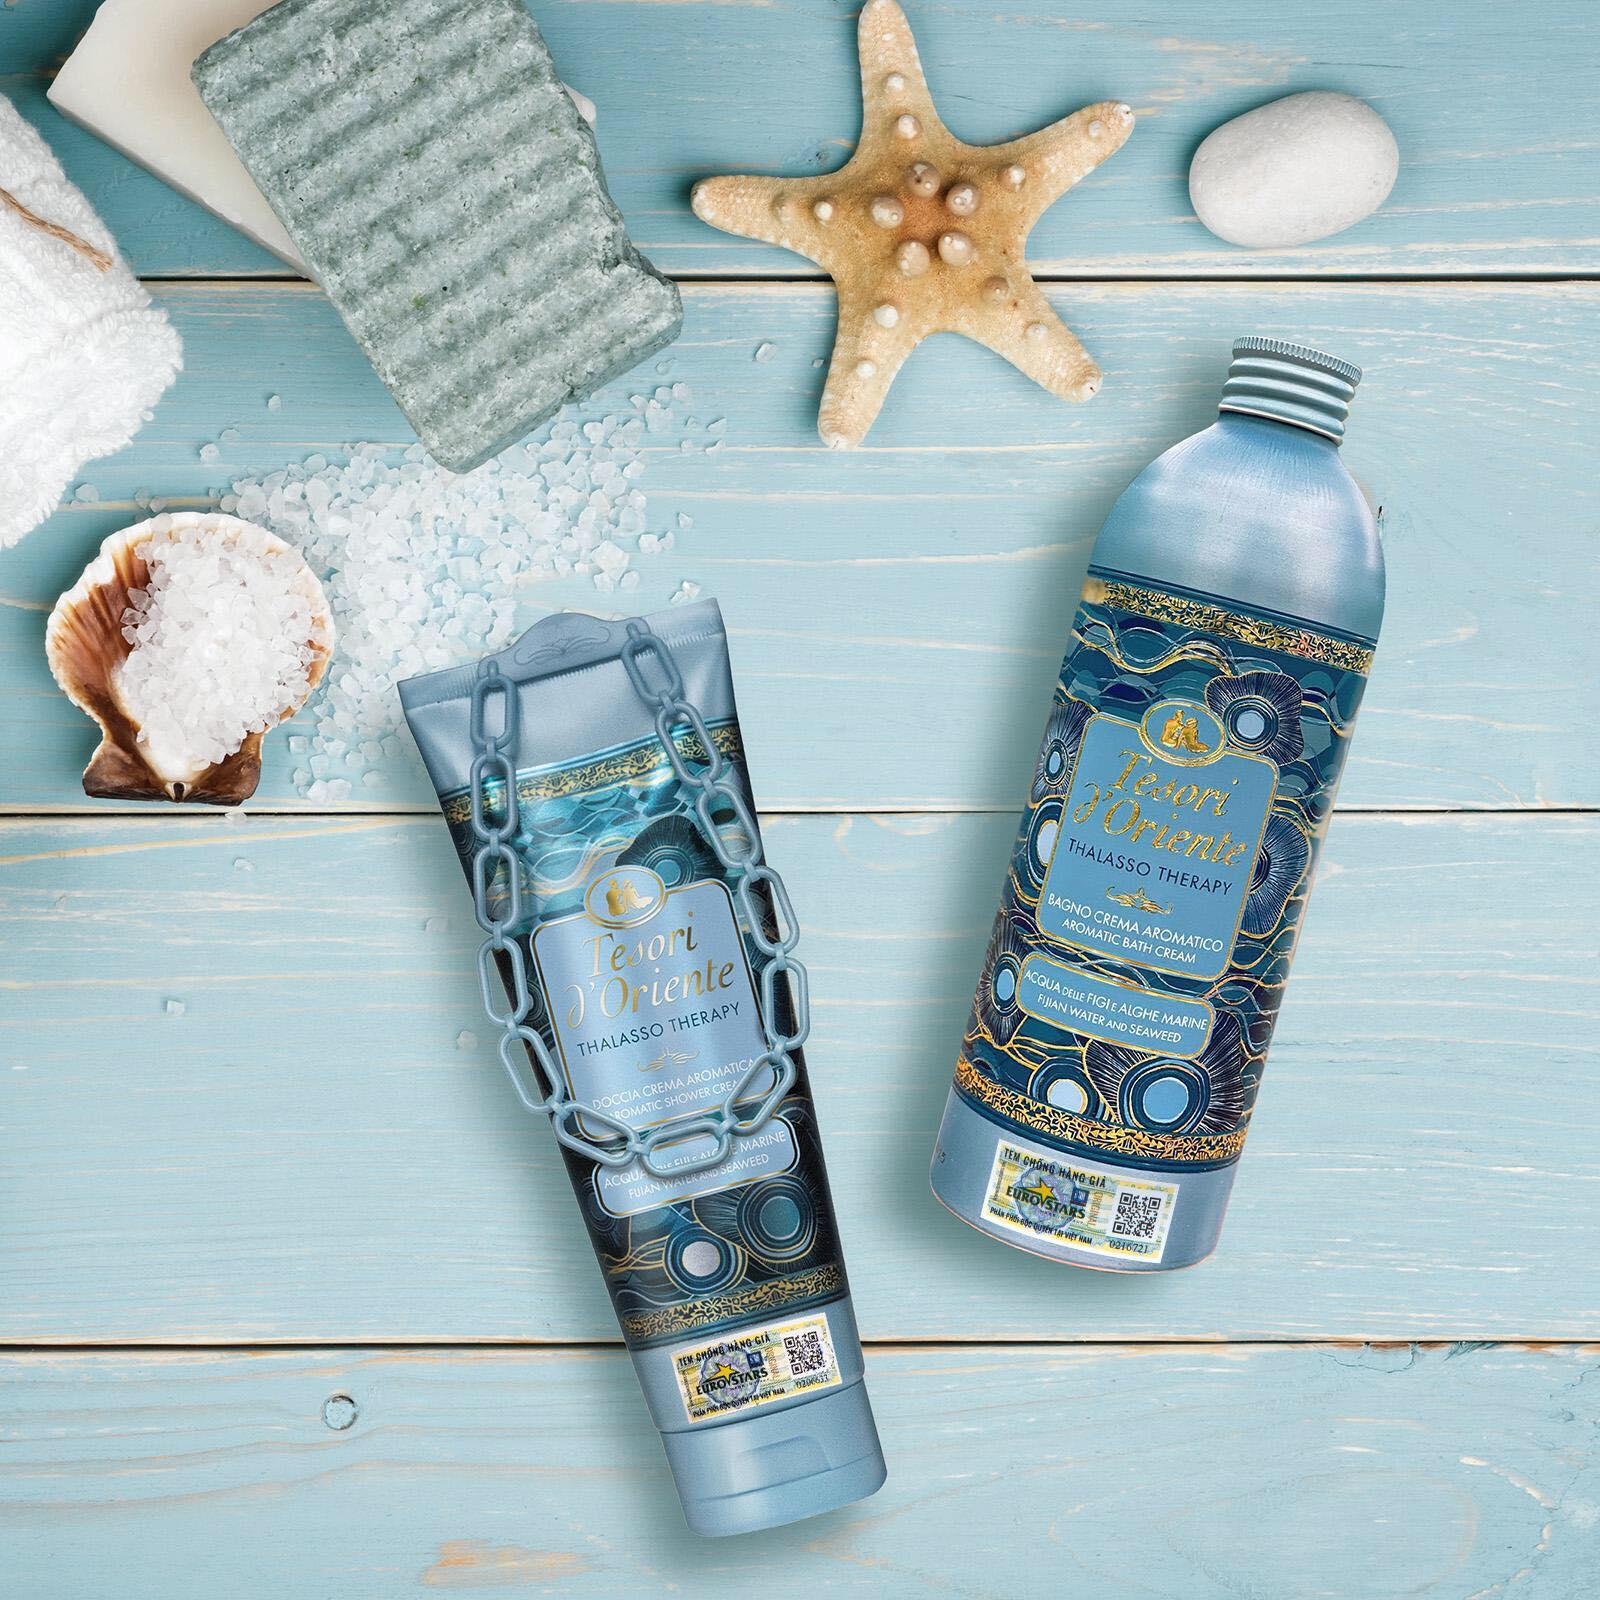 Sữa tắm nước hoa Tesori d'Oriente Thalasso Therapy 250ml kèm móc khóa